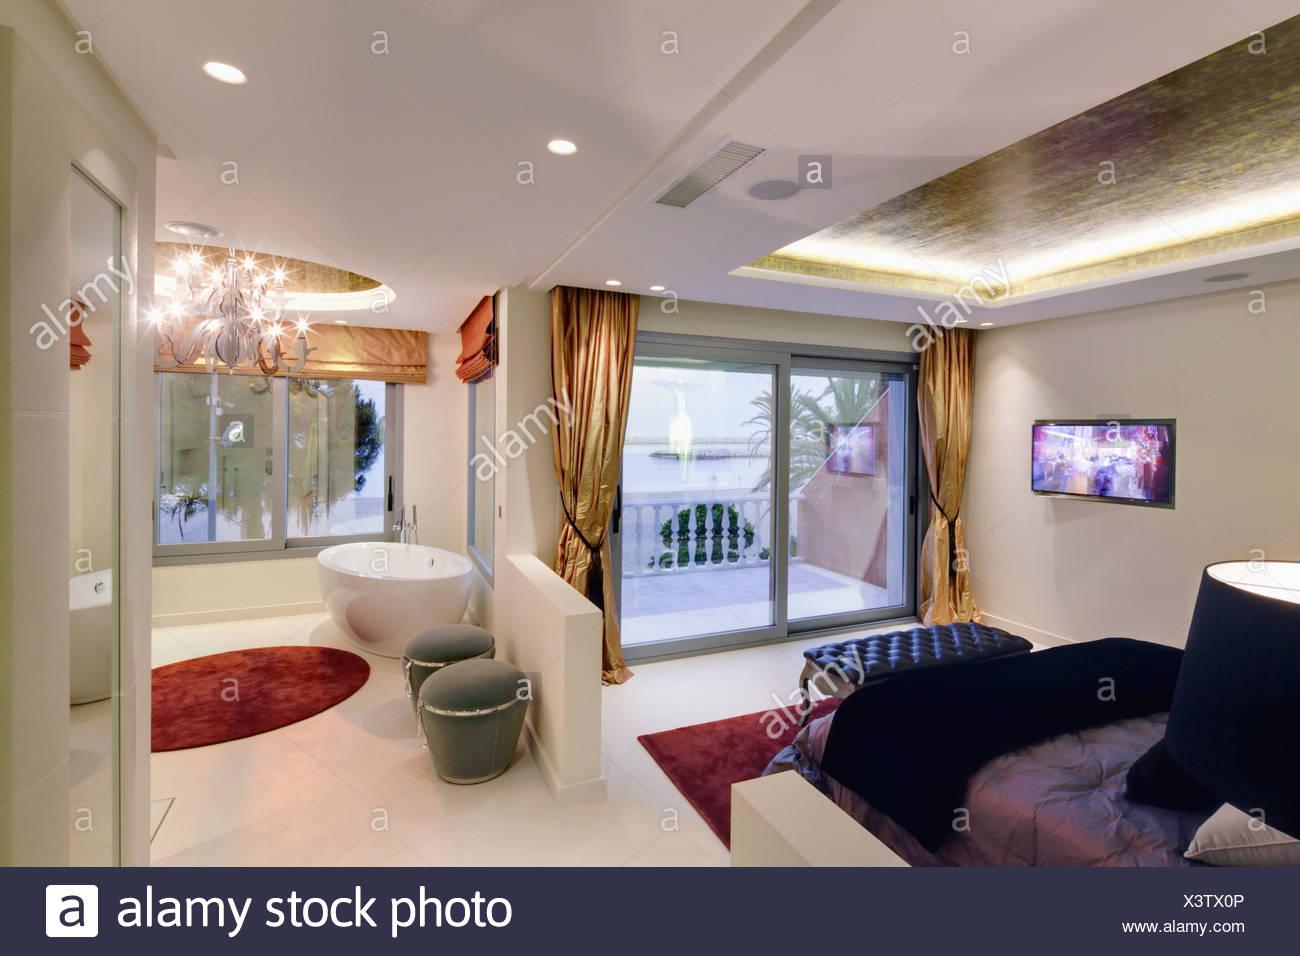 Bagno In Camera Con Vetrata : Pavimento bianco in piano aperto camera da letto e stanza da bagno